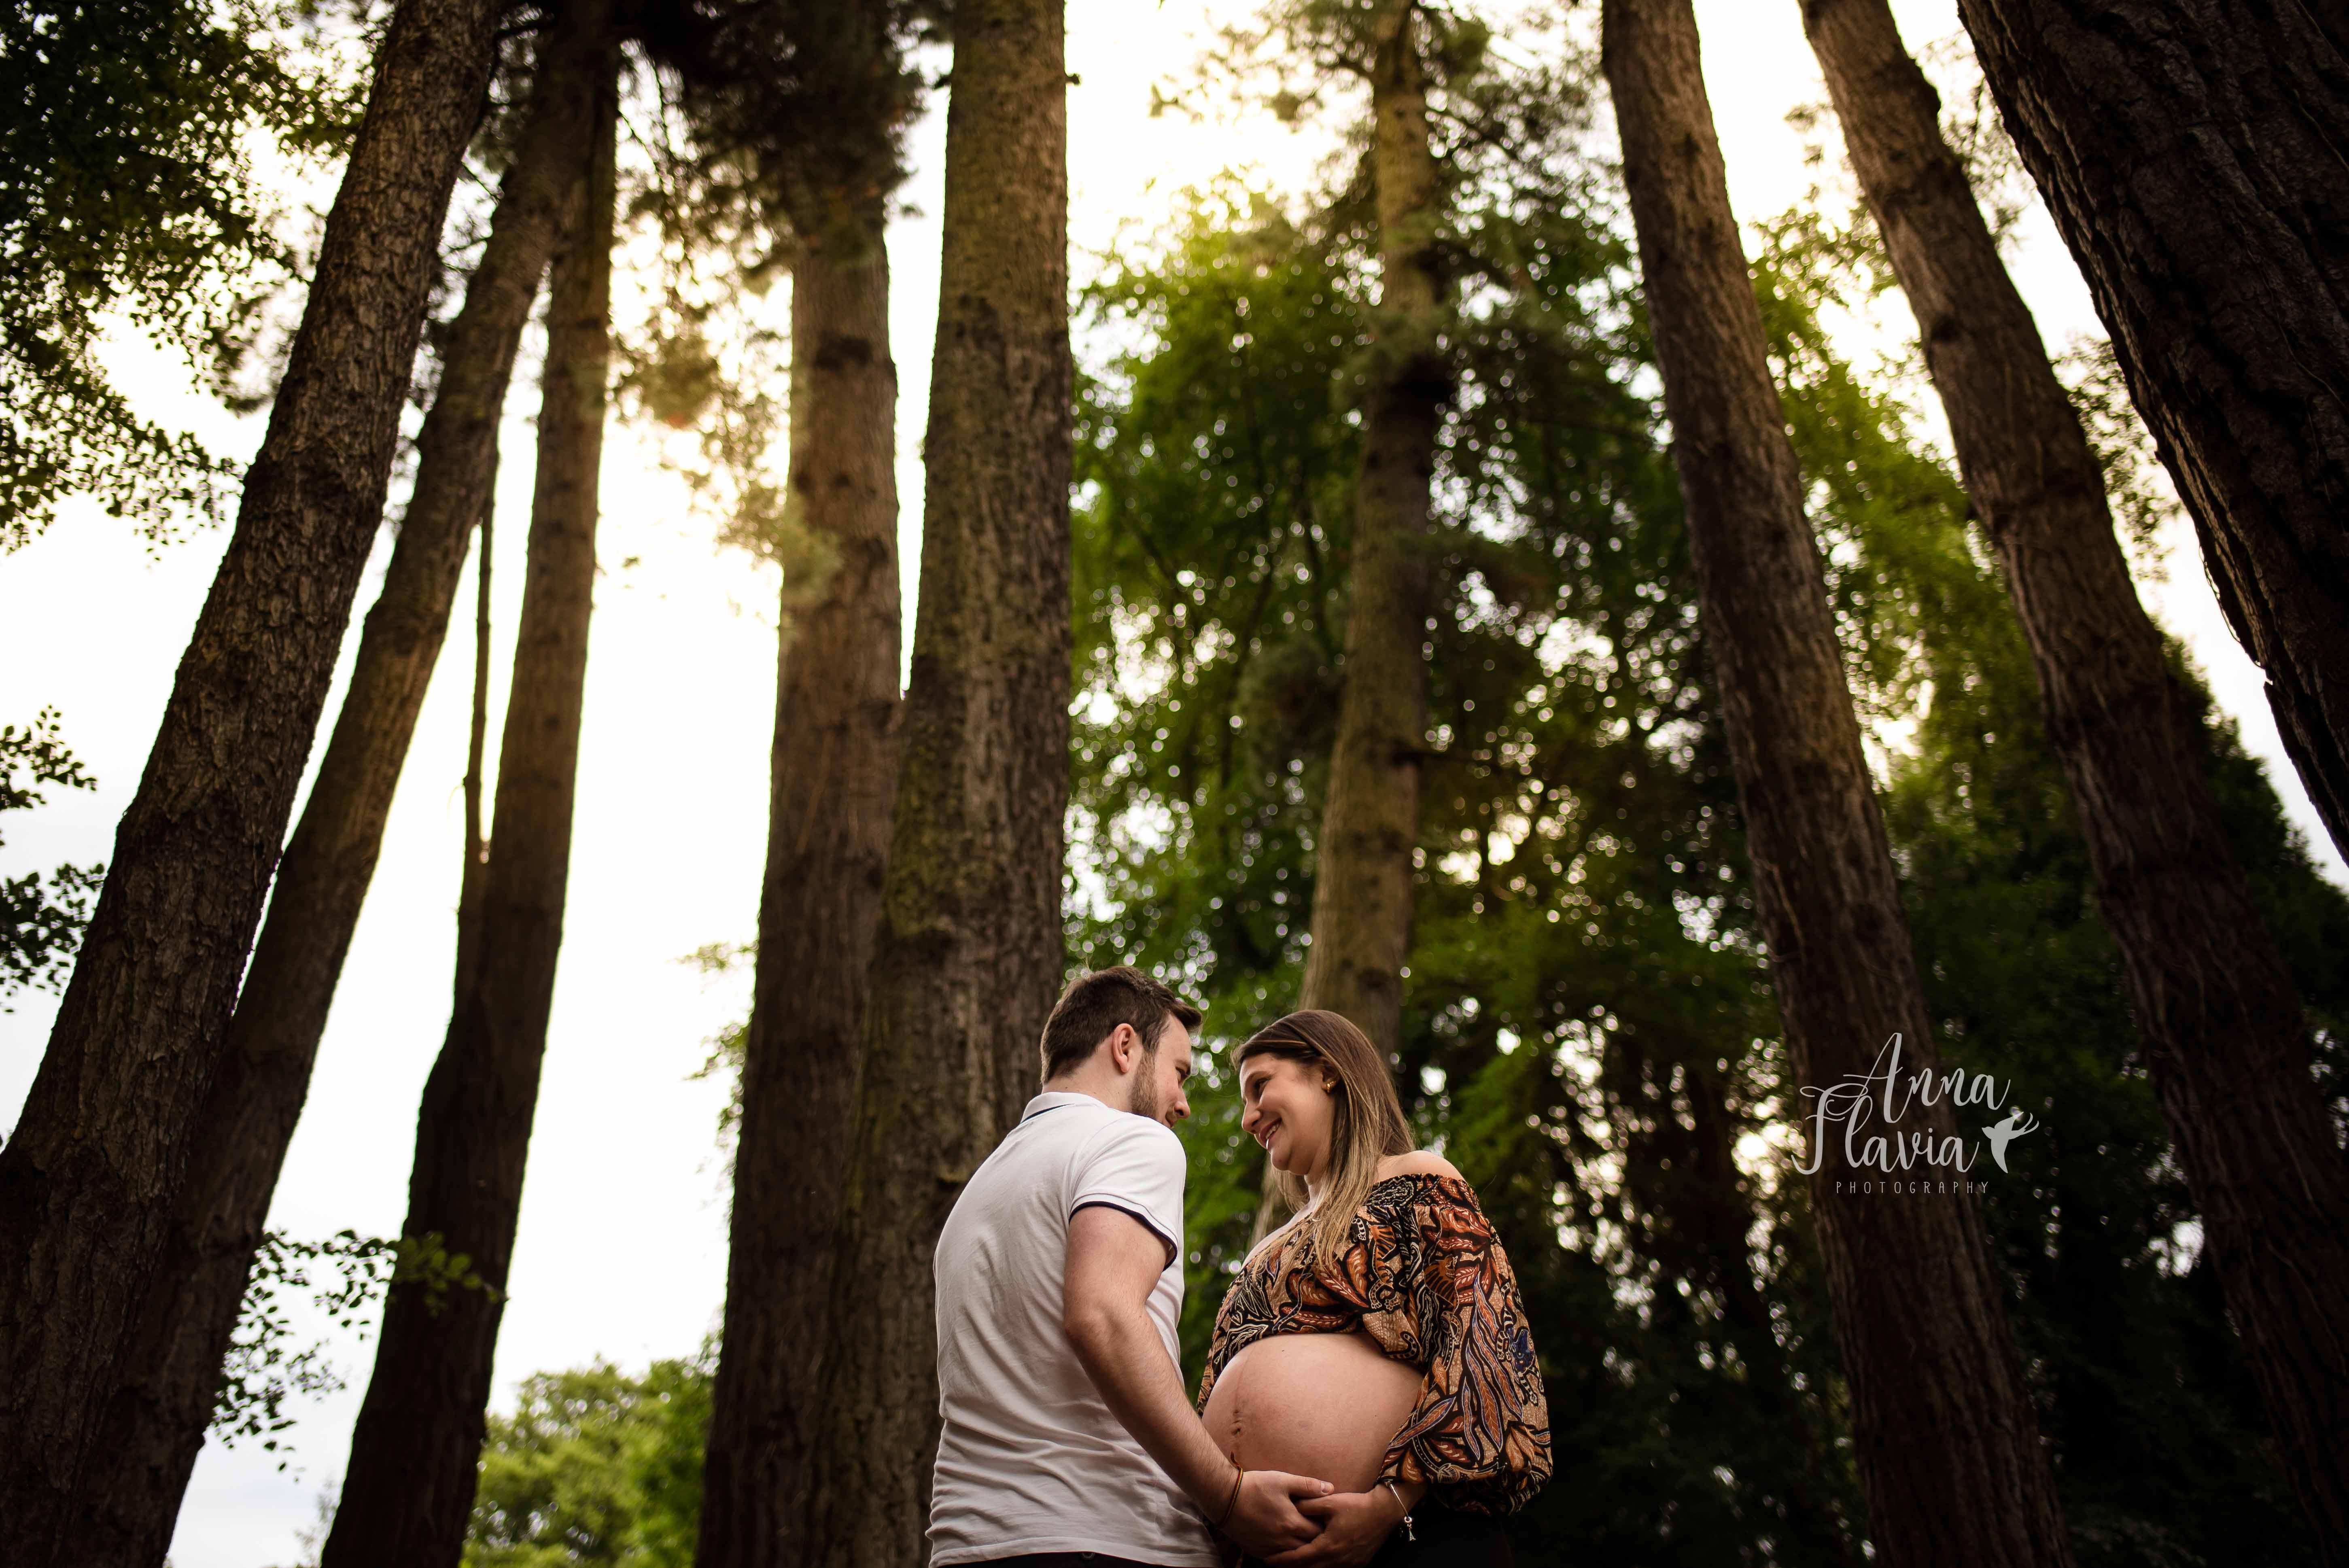 photographer_dublin_anna_flavia_maternity_newborn_family_11